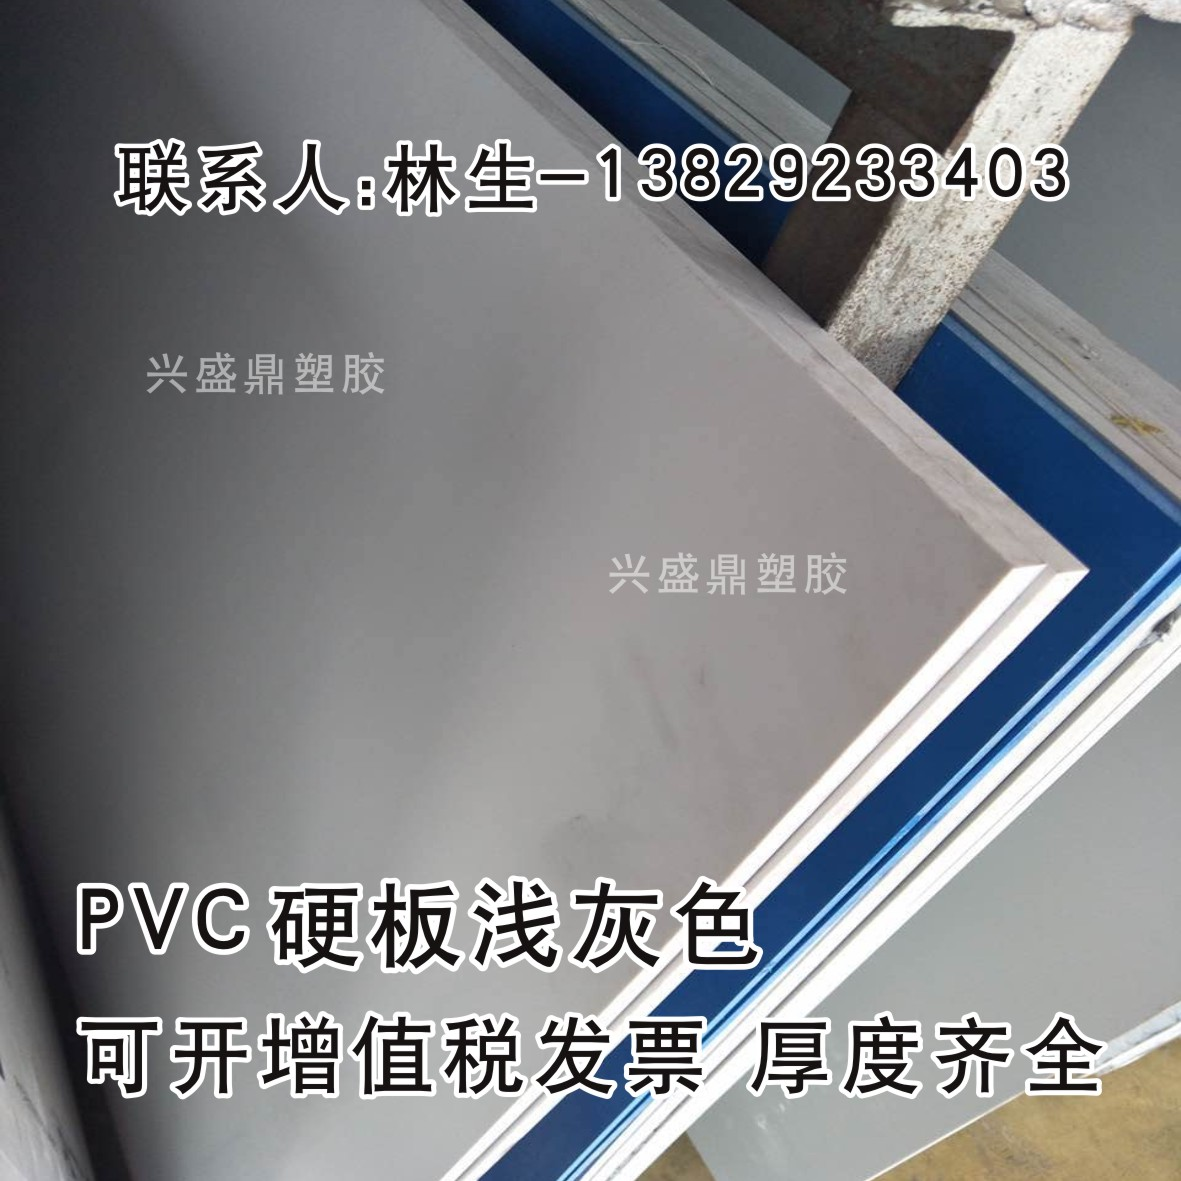 Sintético de fibra de carbono Folha de Pedra importados de Alta resistente Ao calor, isolamento de processamento de Pedra sintética preta